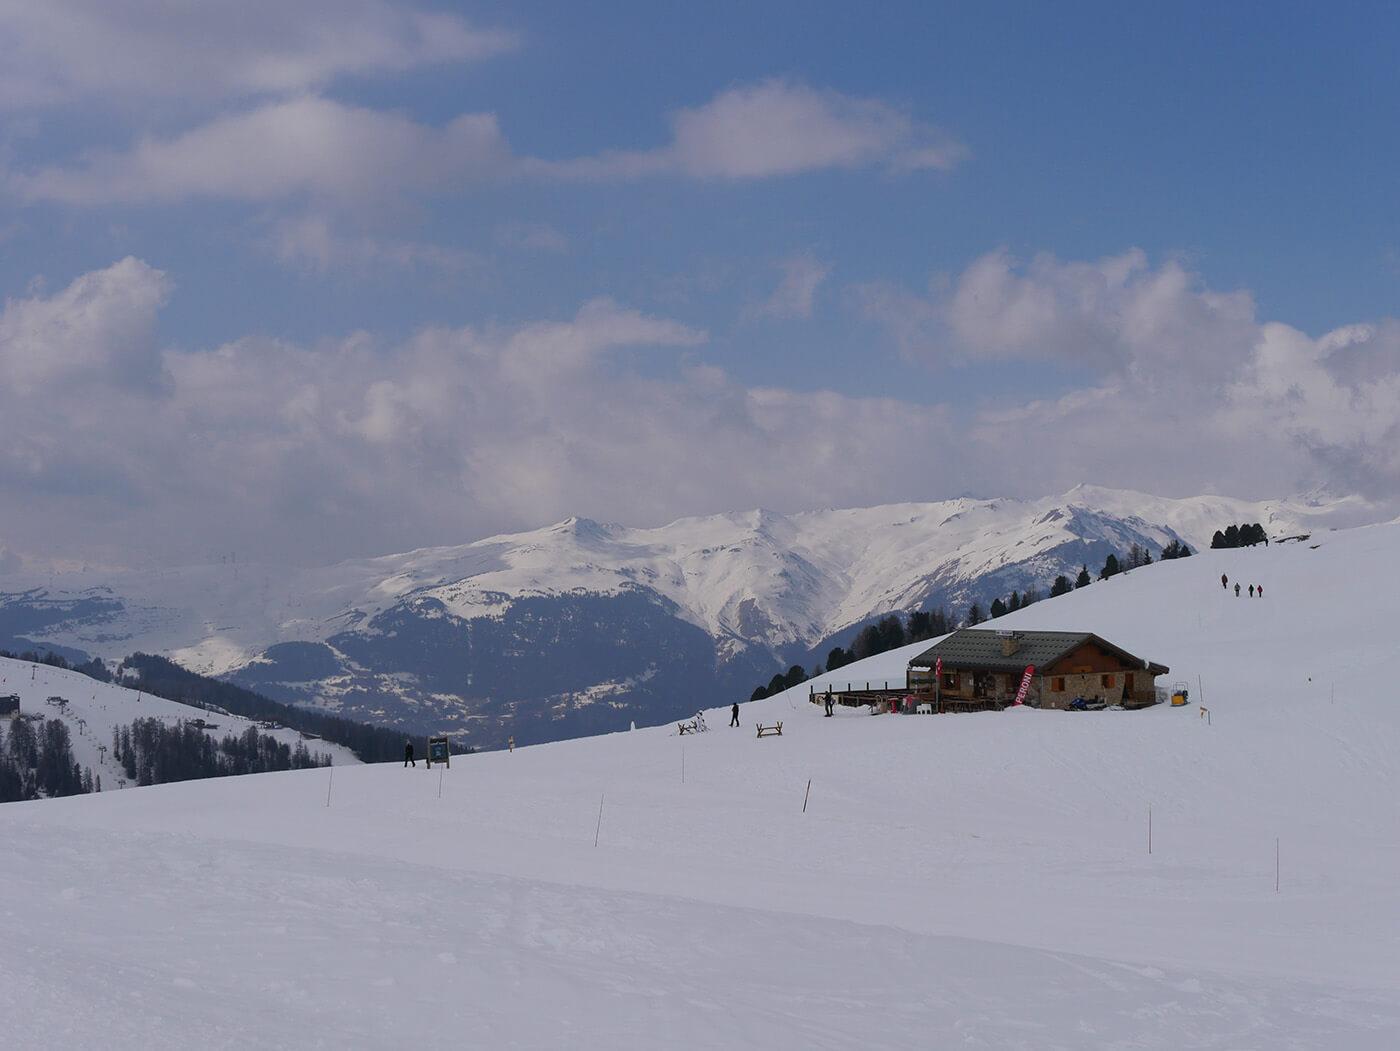 Photo de Chalet dans la montagne prise avec le Panasonic G7 + GX Vario 14-140 mm